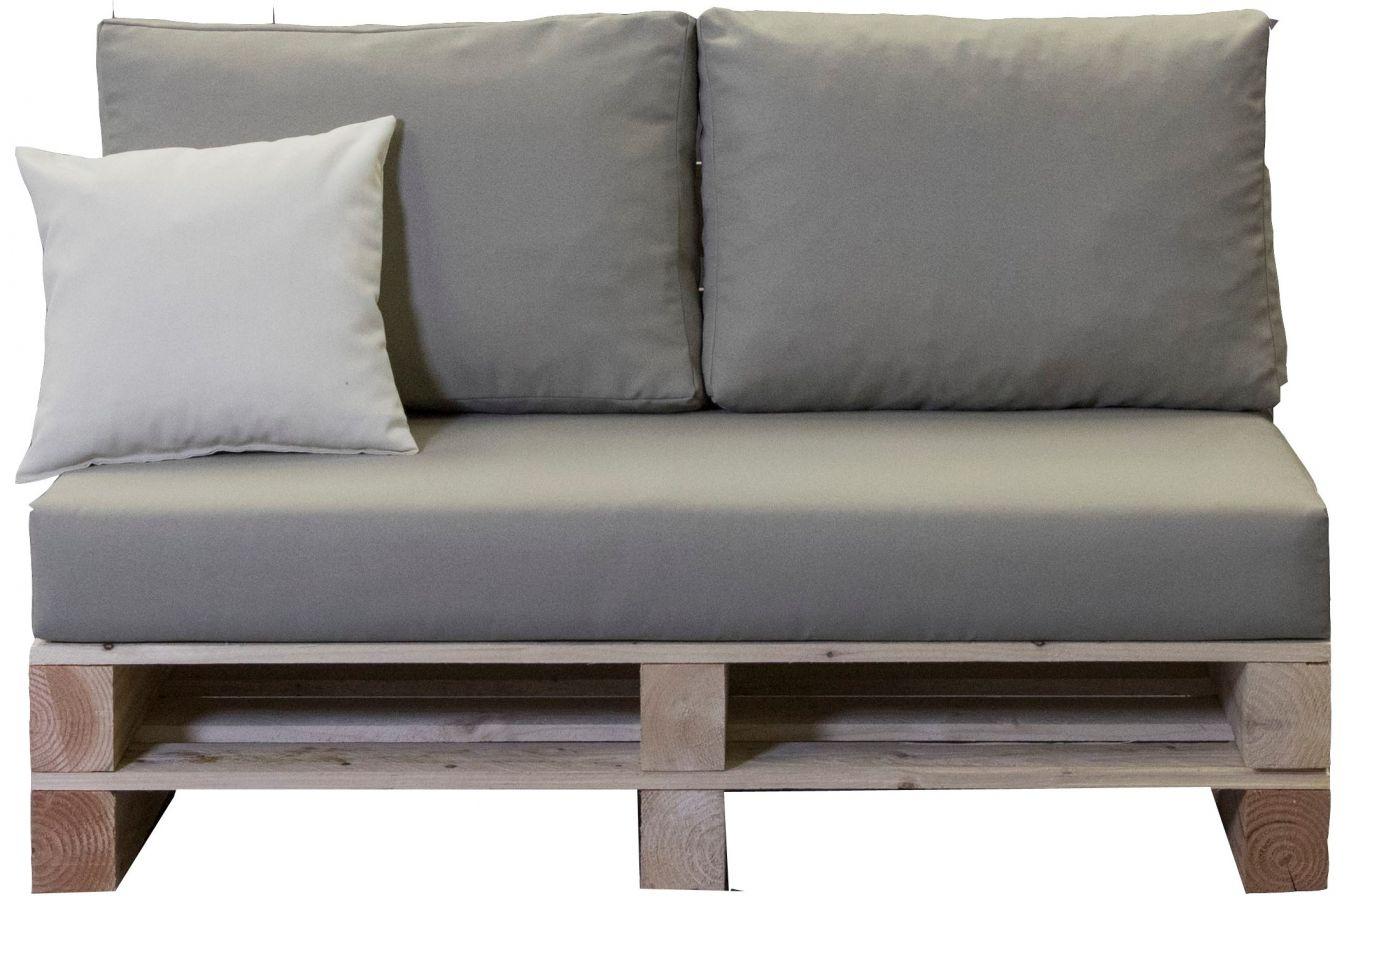 Kit Deco Coussins Pour Palette Europe Imperméable, Outdoor - Coreme | Vente  En Ligne, Livraison À Domicile à Coussins Exterieur Pour Palette